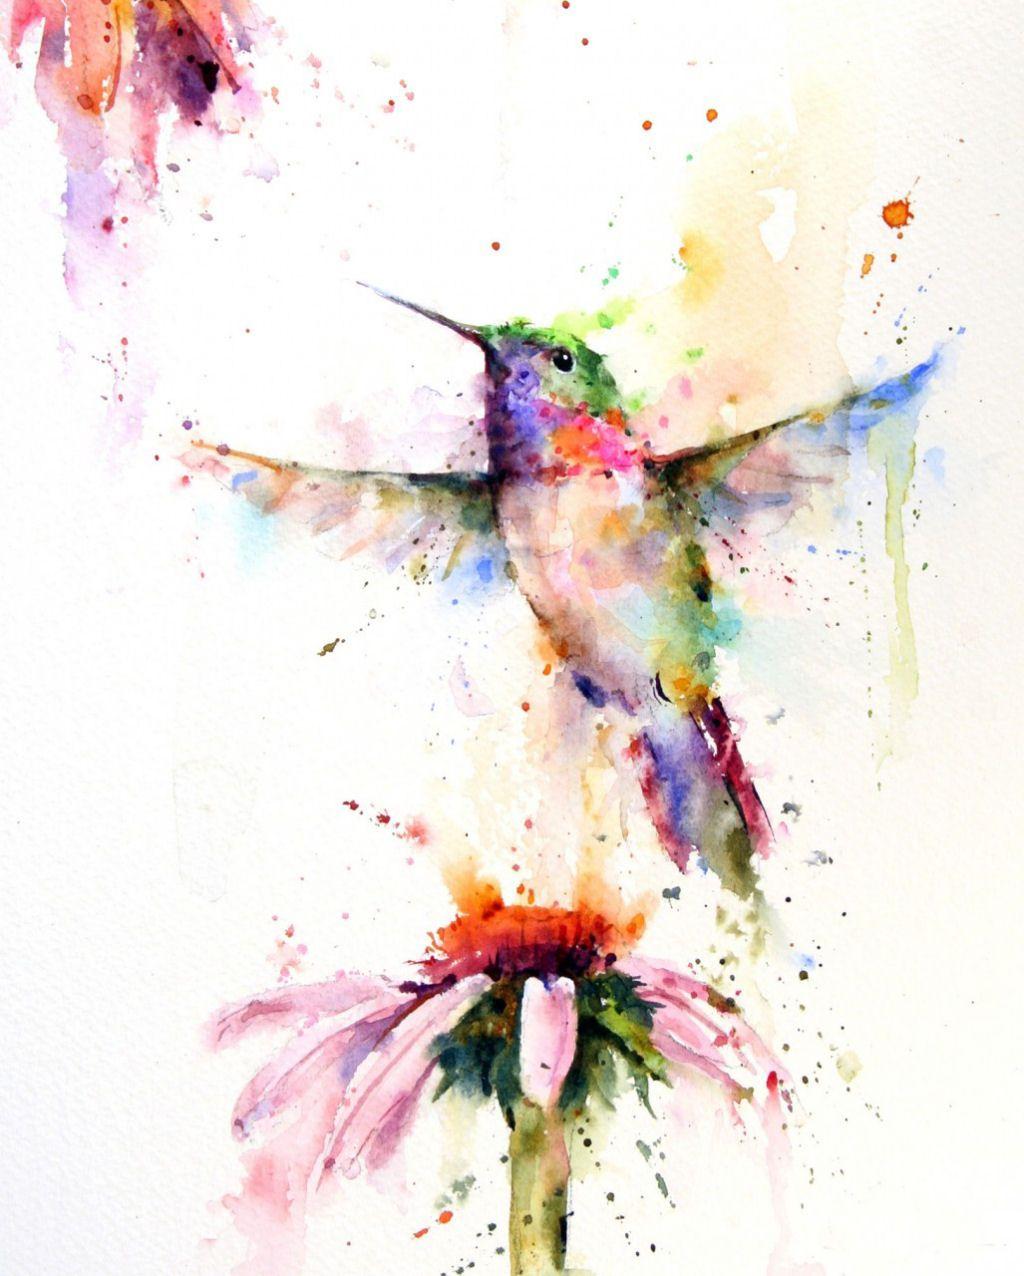 A Explosao De Cores De Aquarelas Animais Tatuagem Beija Flor